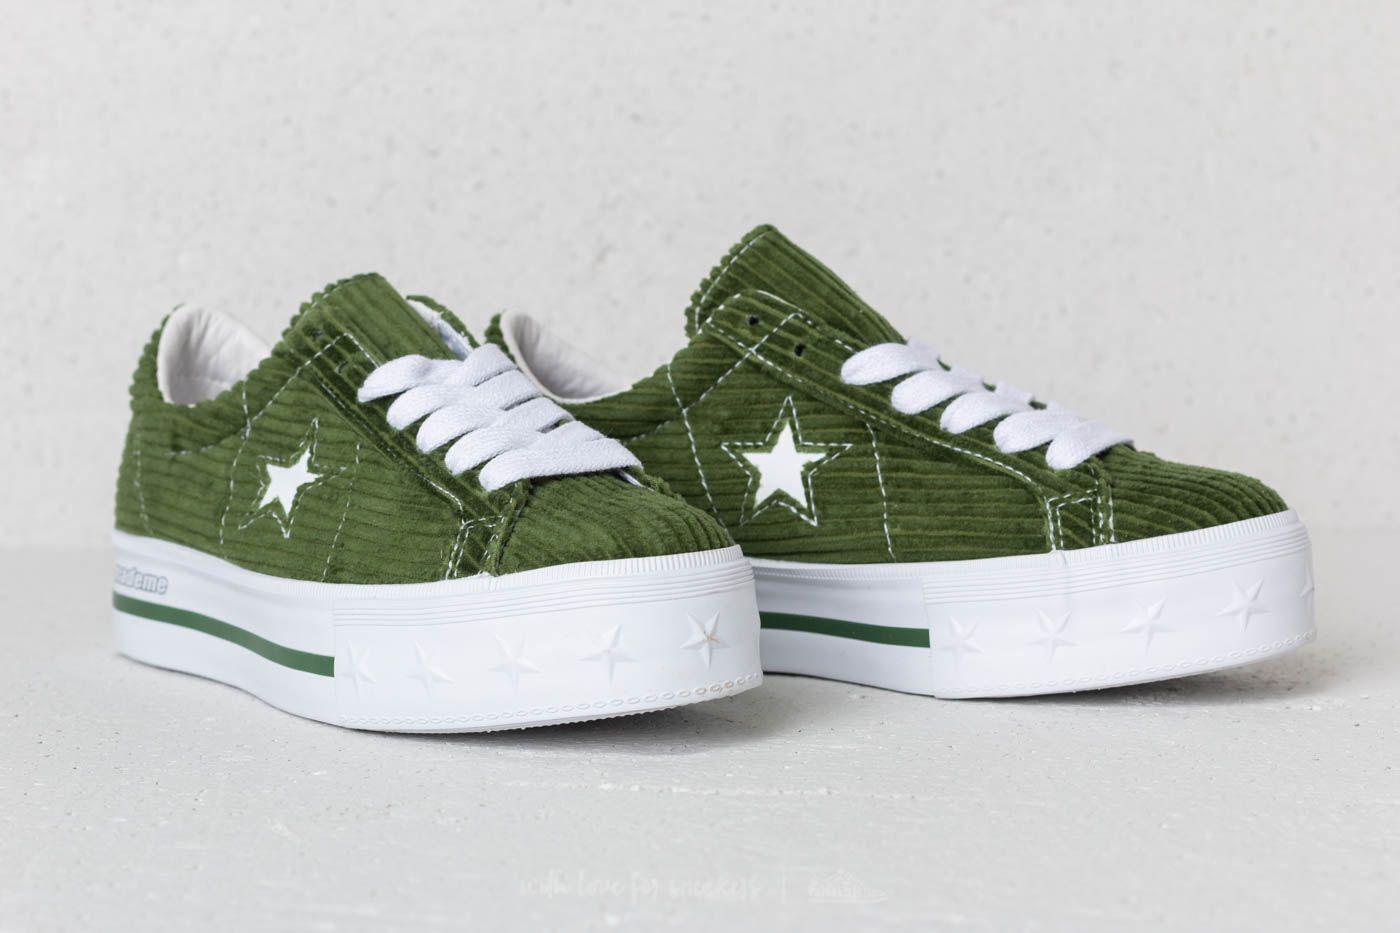 d4249140898 Lyst - Converse X Mademe One Star Platform Ox Garden Green in Green